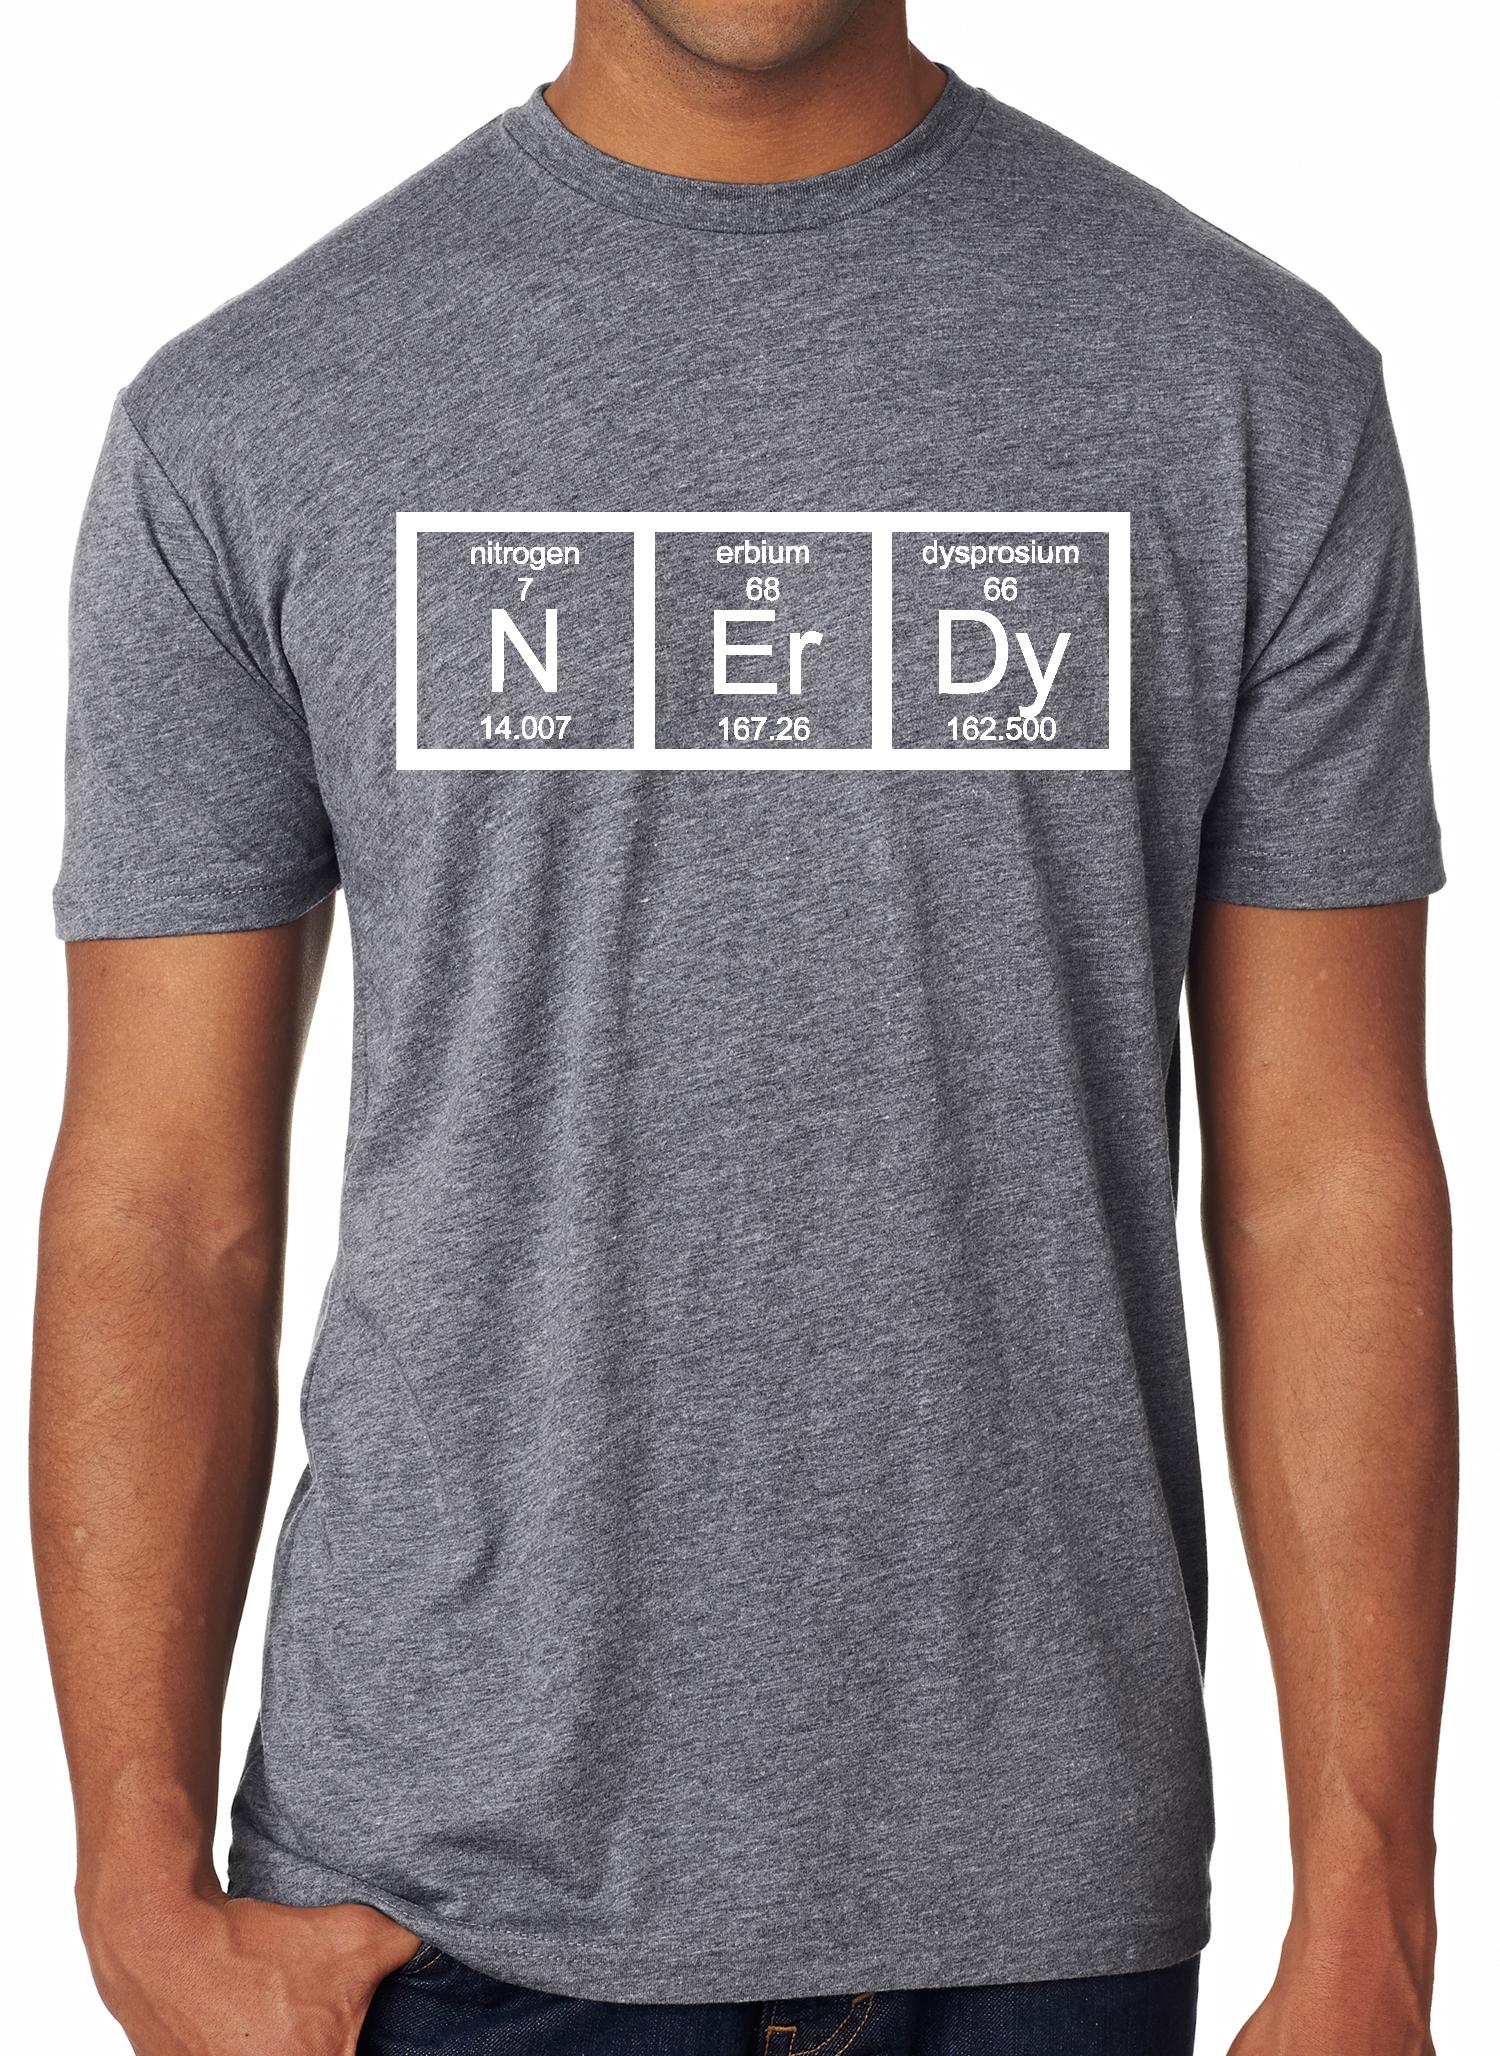 pt tshirt.jpg